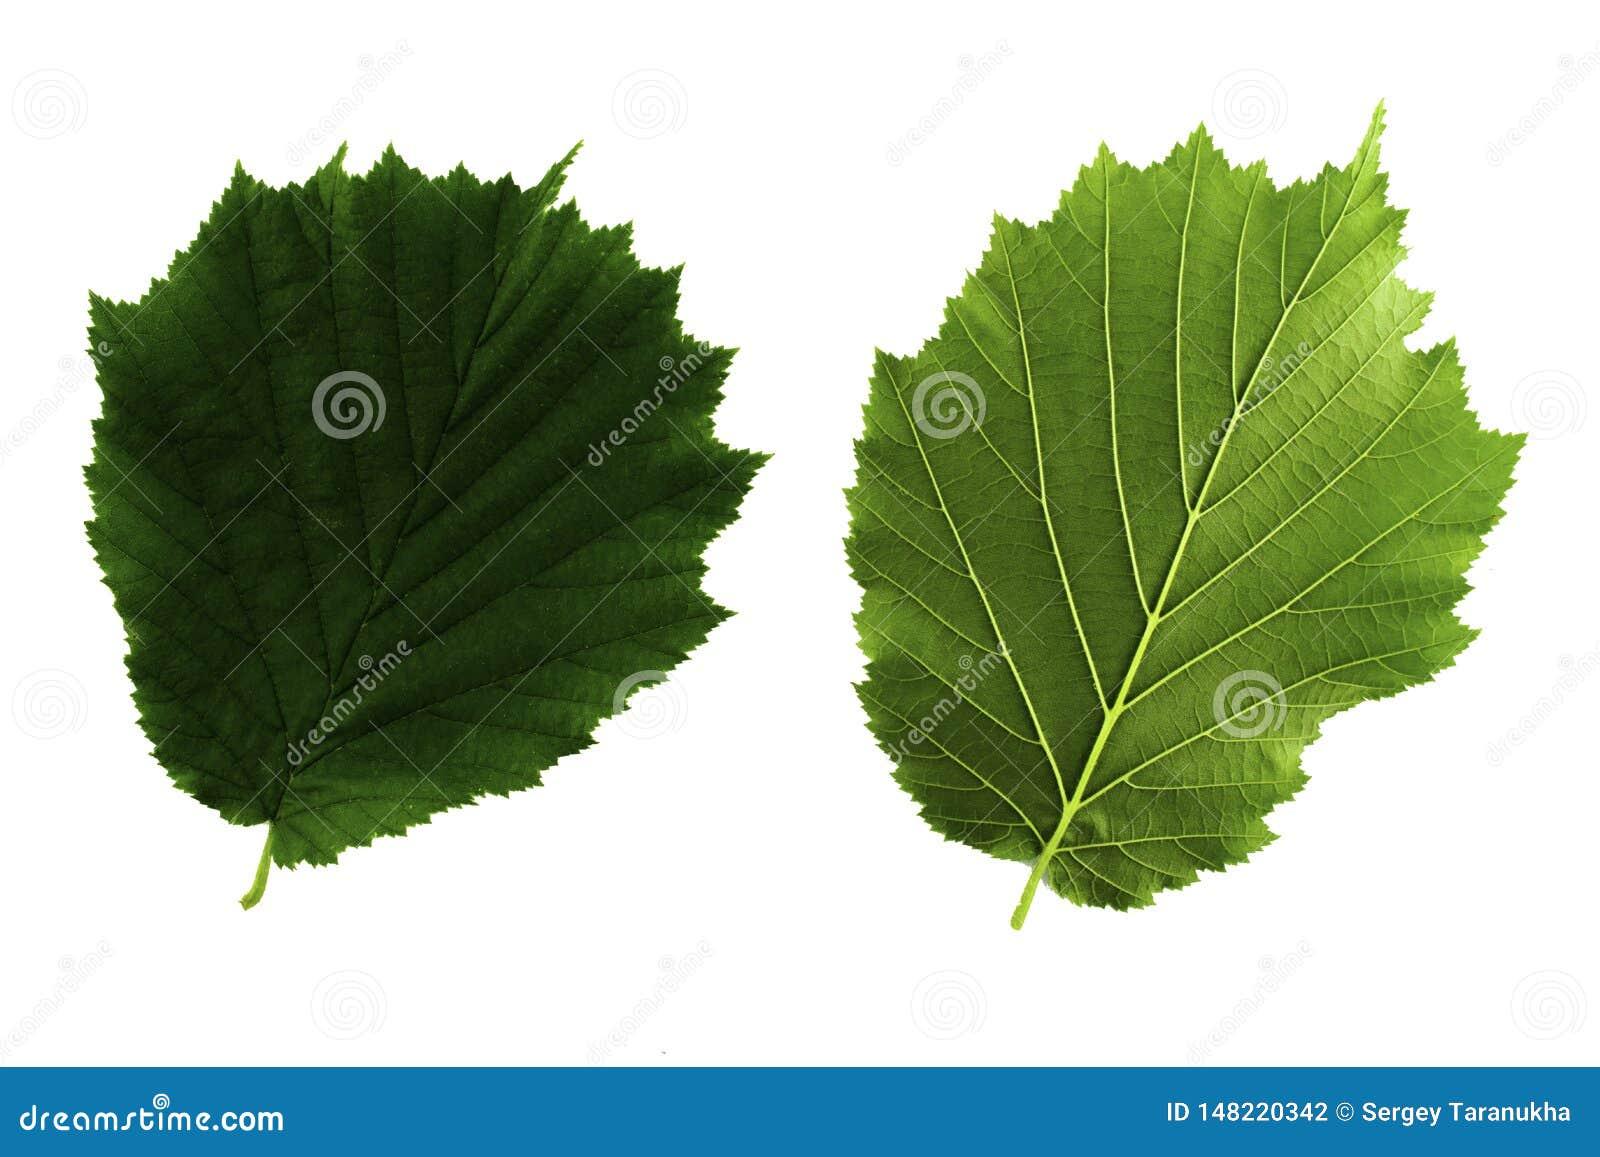 Δύο πράσινα φύλλα της φουντουκιάς που απομονώνεται από την άσπρη πλευρά υποβάθρου, κορυφών και κατώτατων σημείων του φύλλου